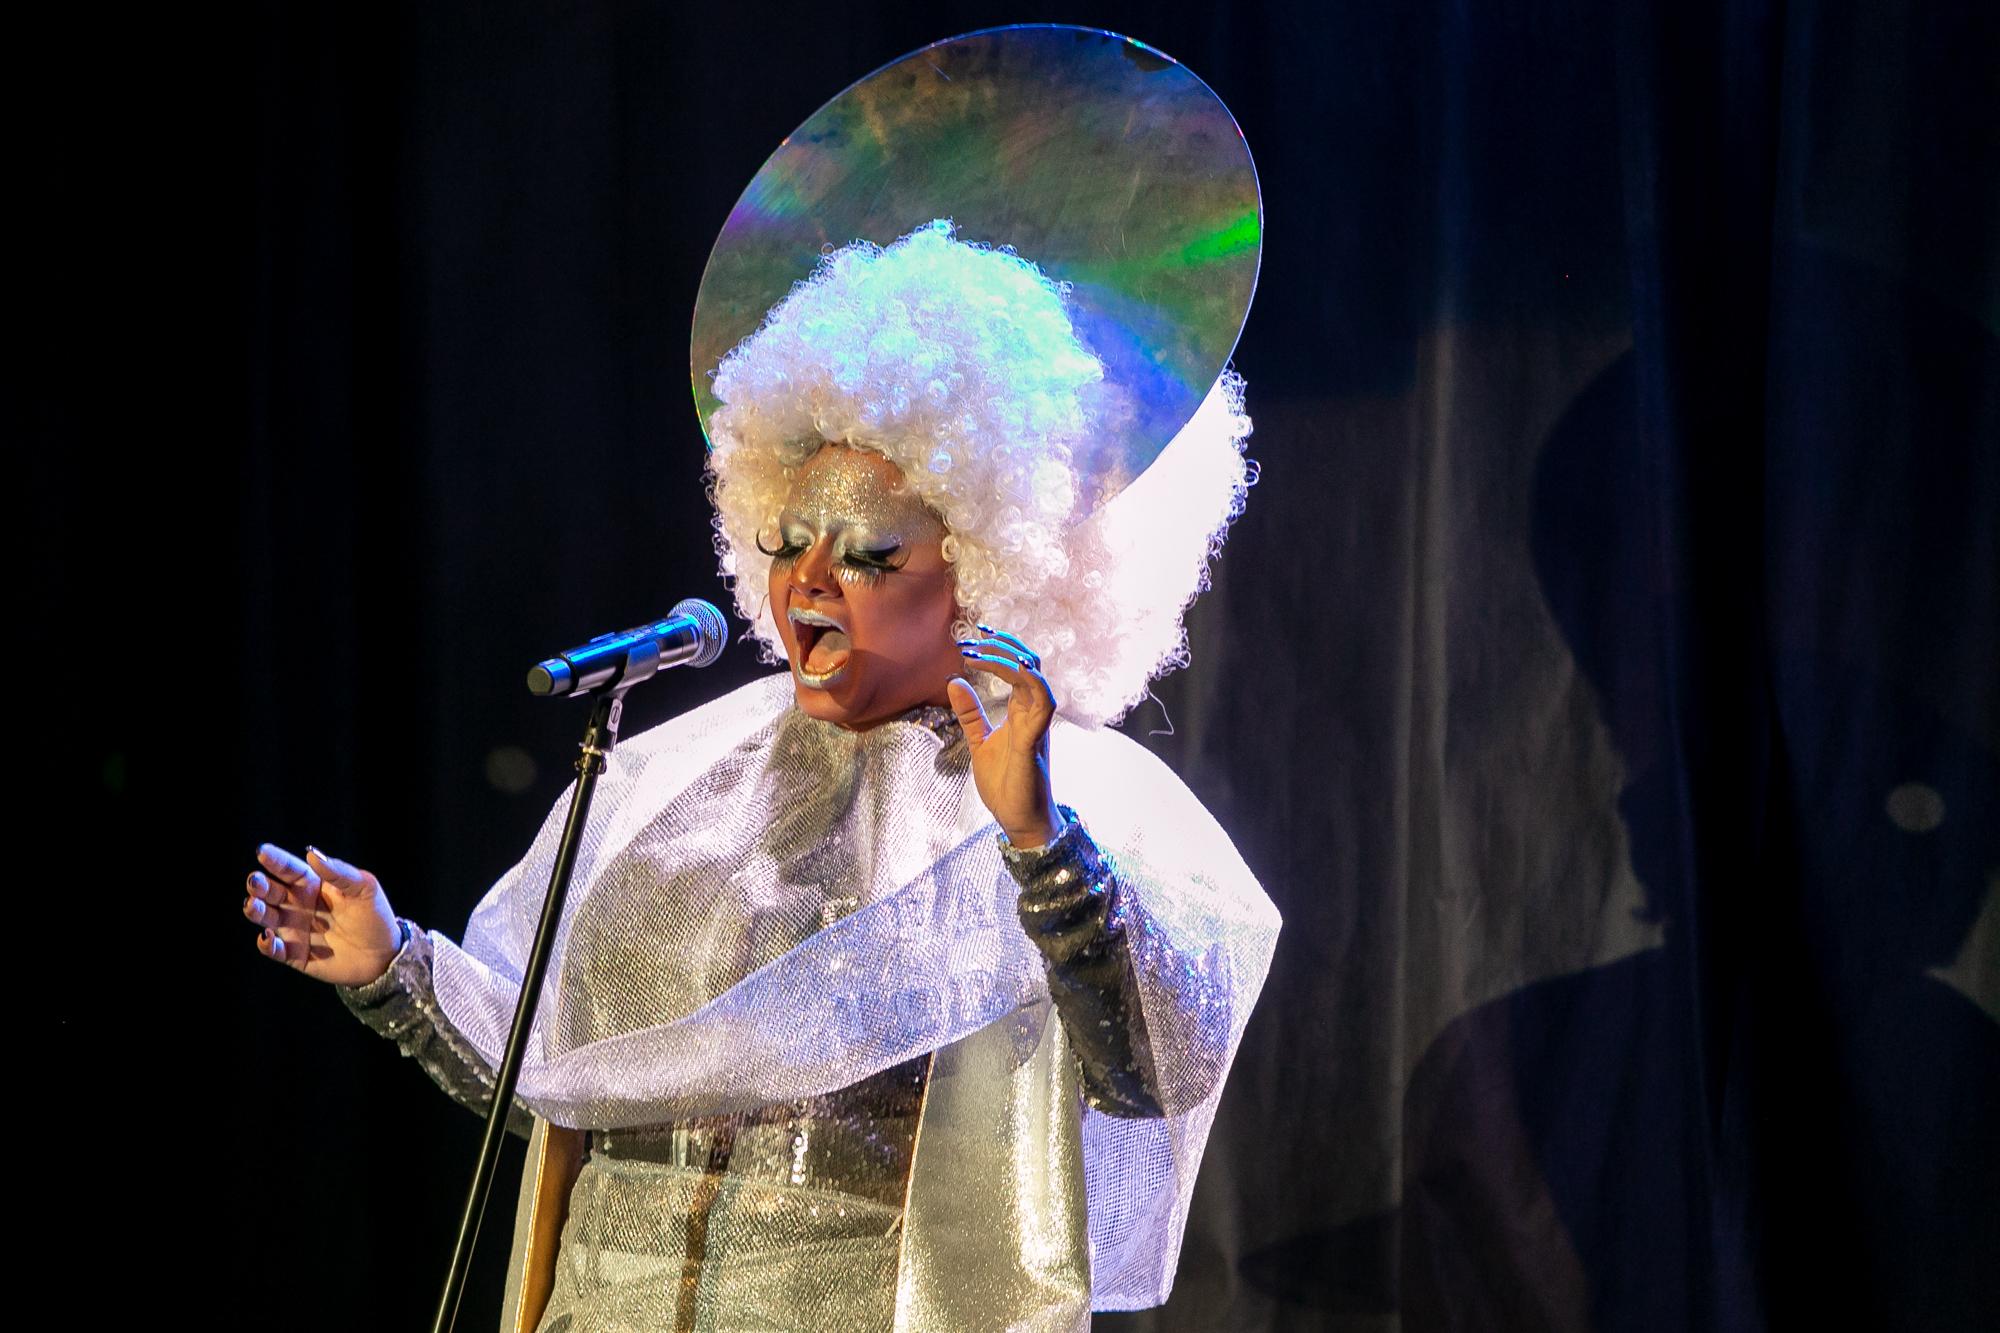 W centrum kadru śpiewa do mikrofonu Przemek Boski (Juro-diva) -kobieta-drag queen.